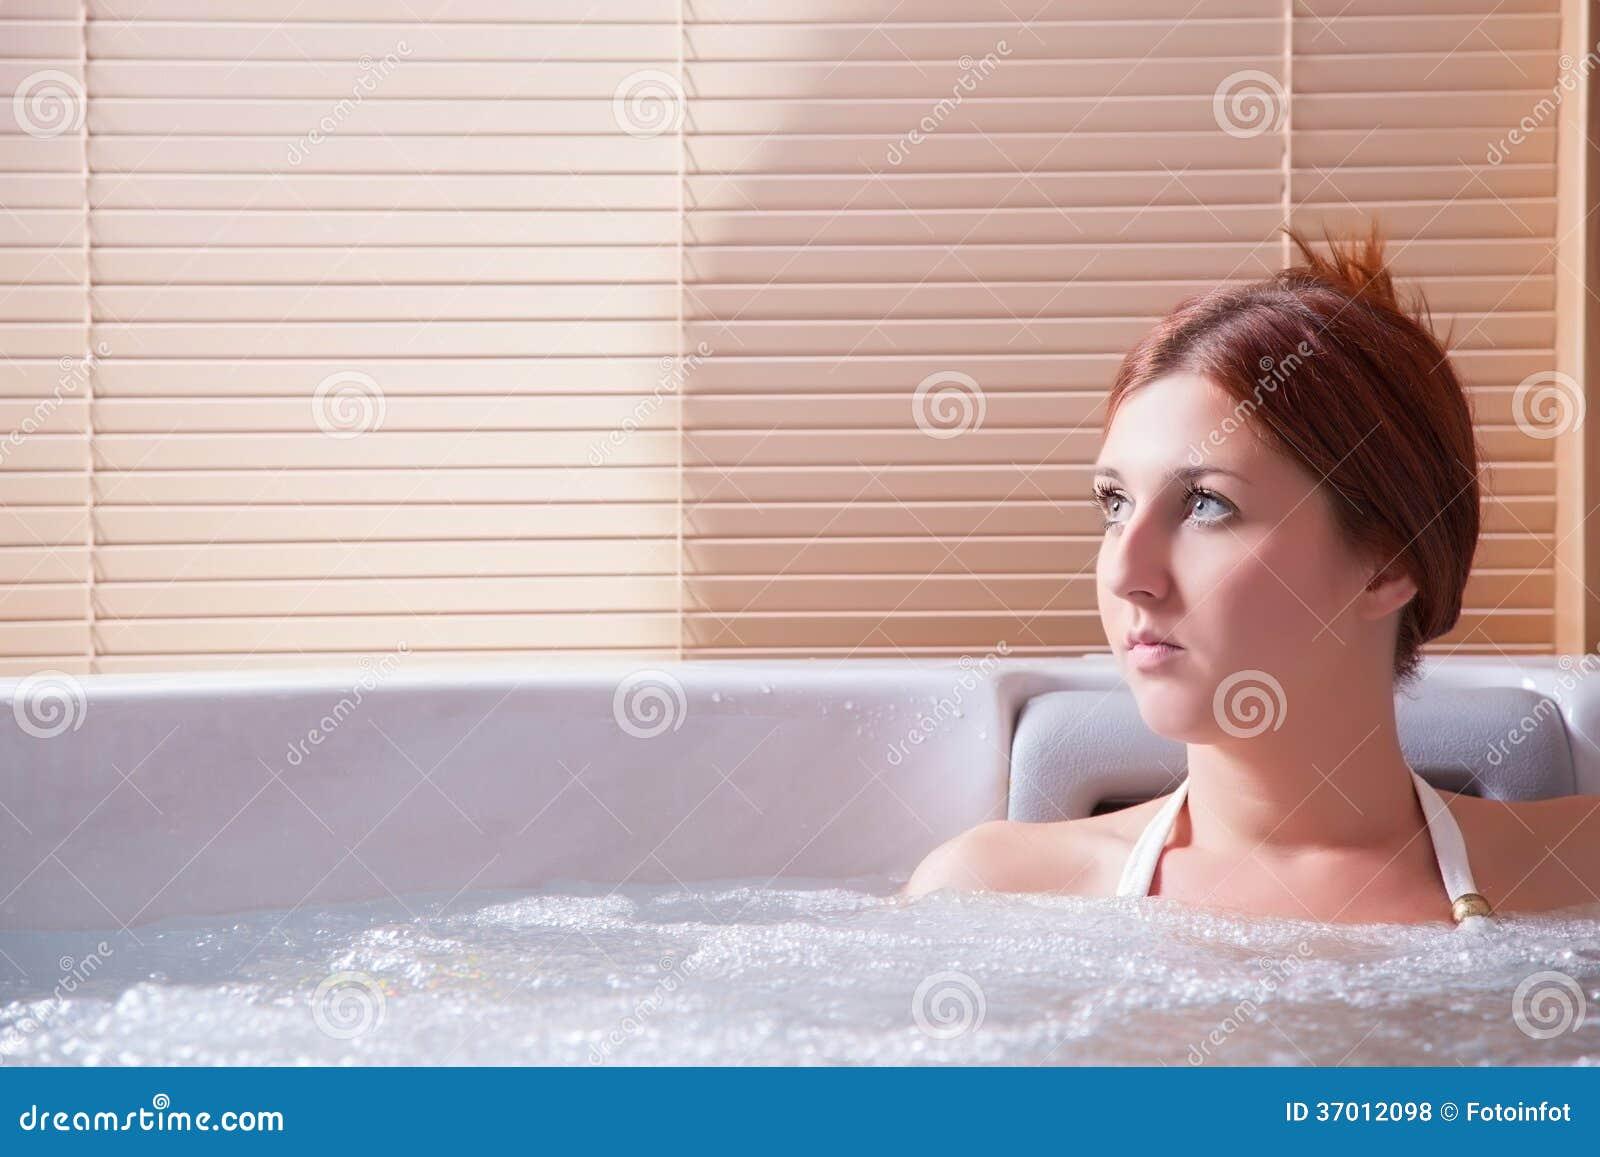 Beauty portrait in water